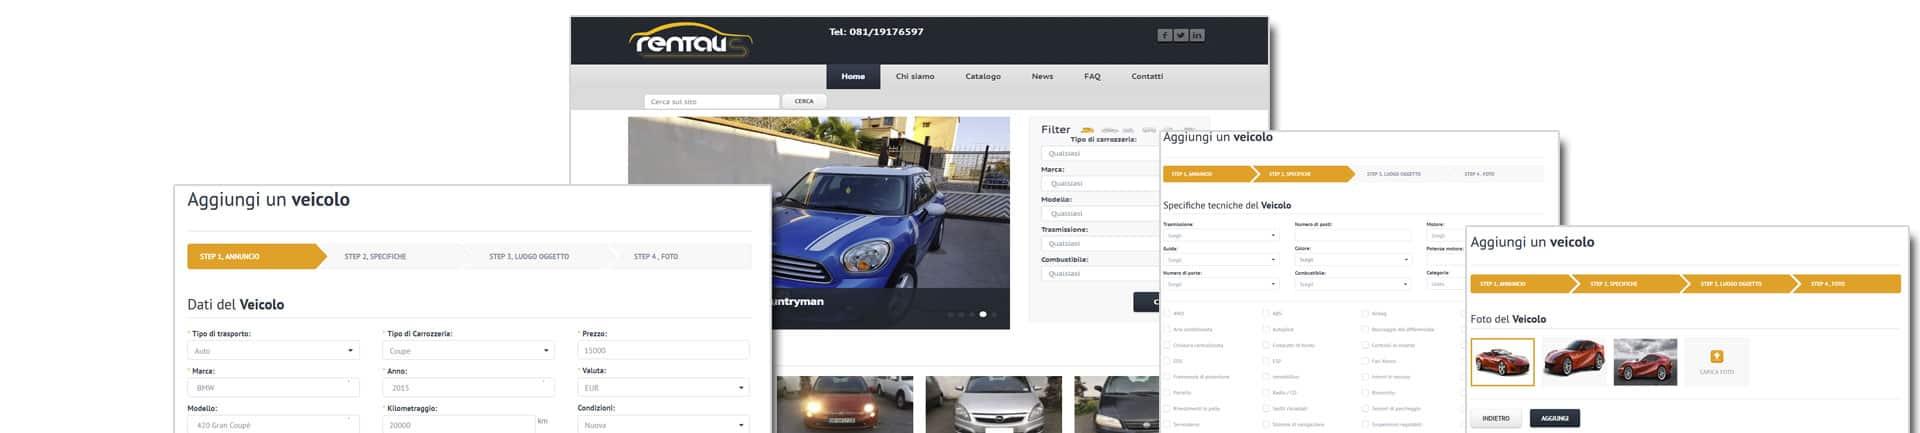 annunci auto concessionaria piede - Creazione Siti web per concessionarie auto ed annunci - Web Agency Napoli Flashex